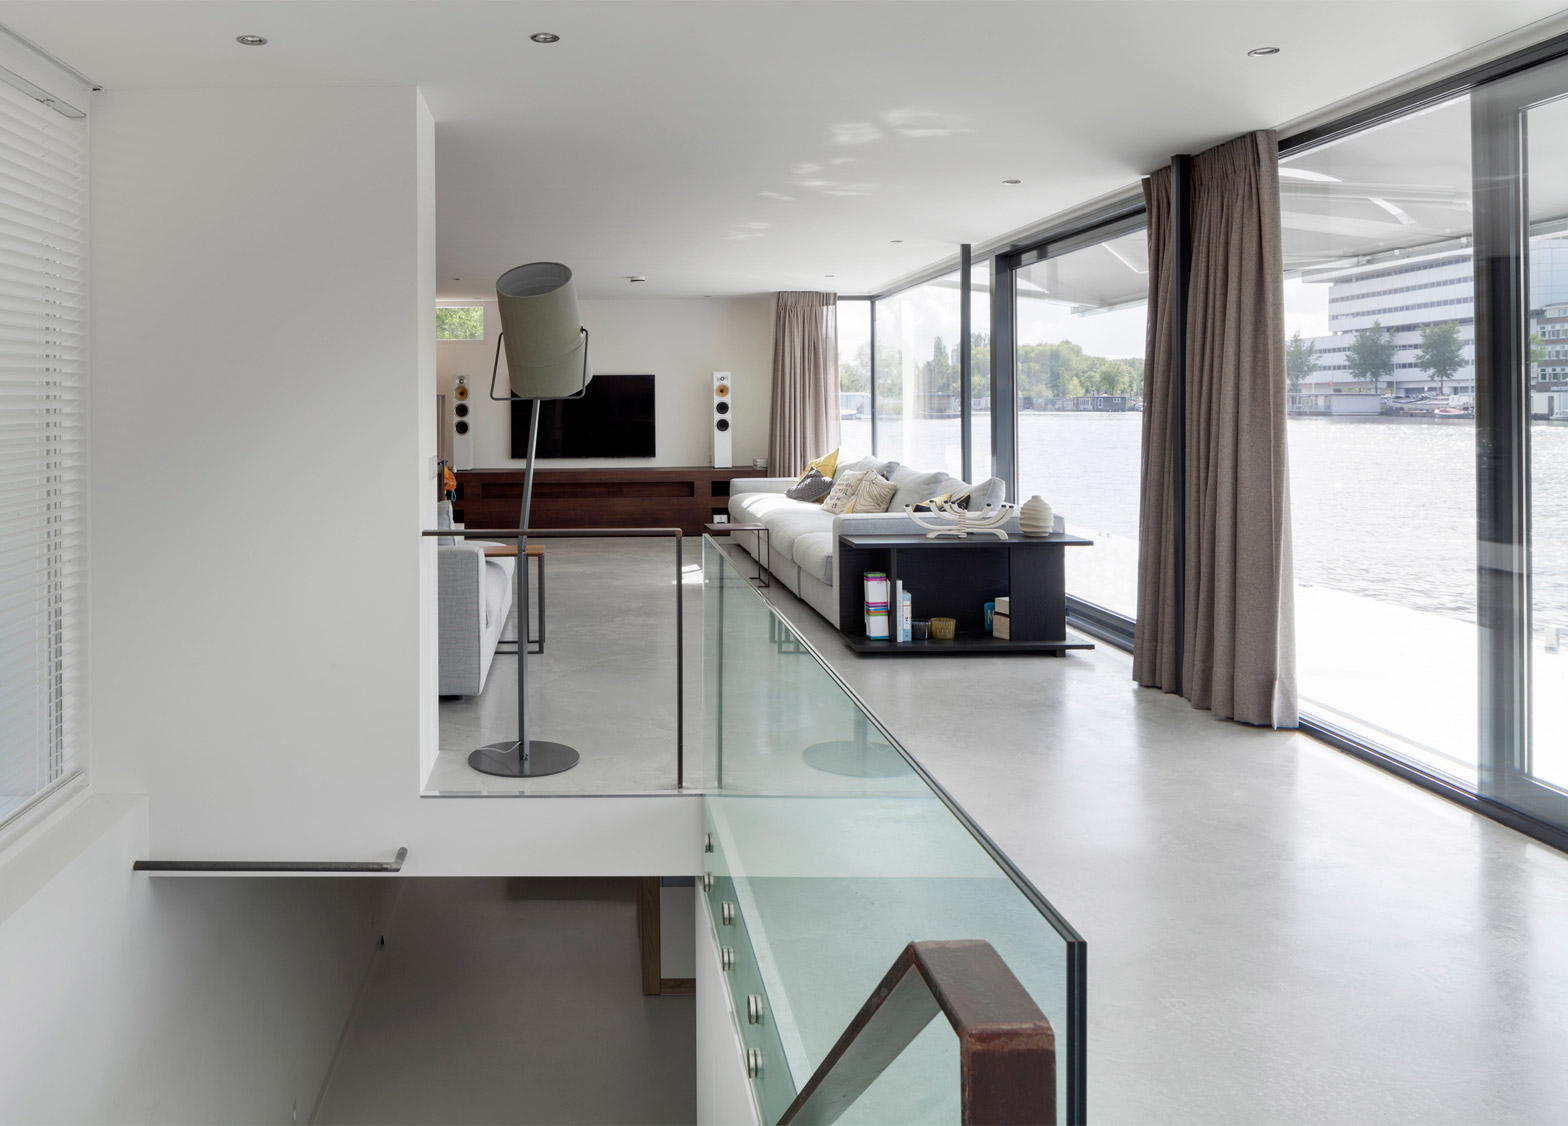 Watervilla Weesperzijde by +31 Architects, Amsterdam